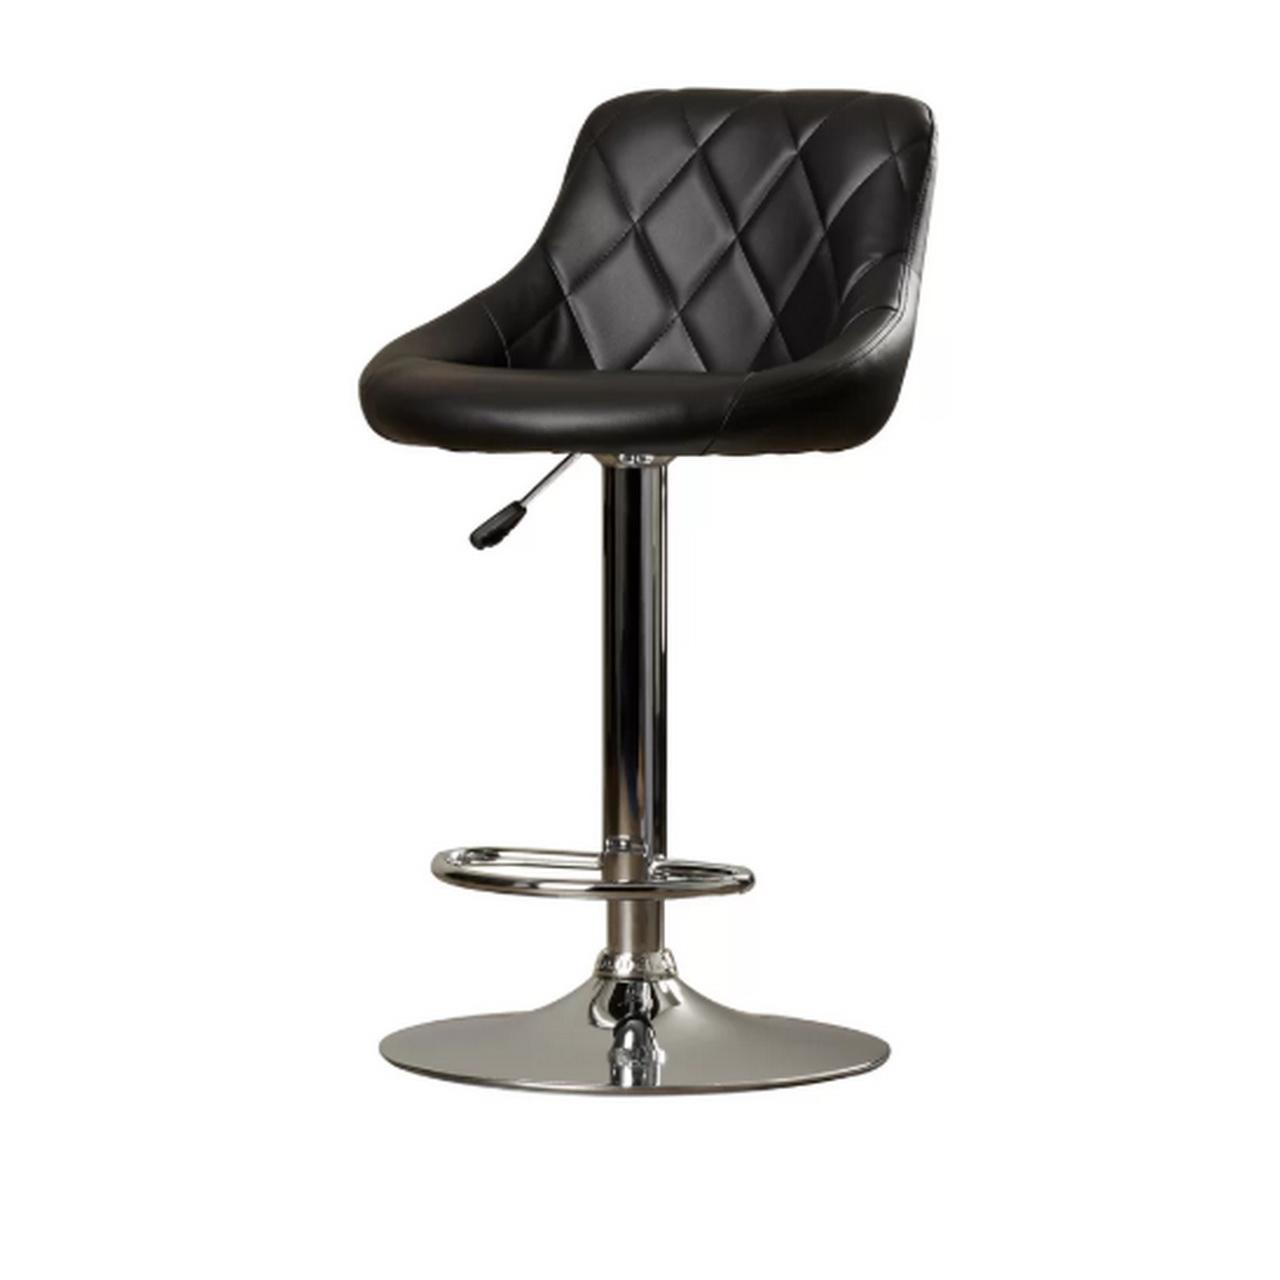 صندلی  اپن  مدل CP23 چرمی